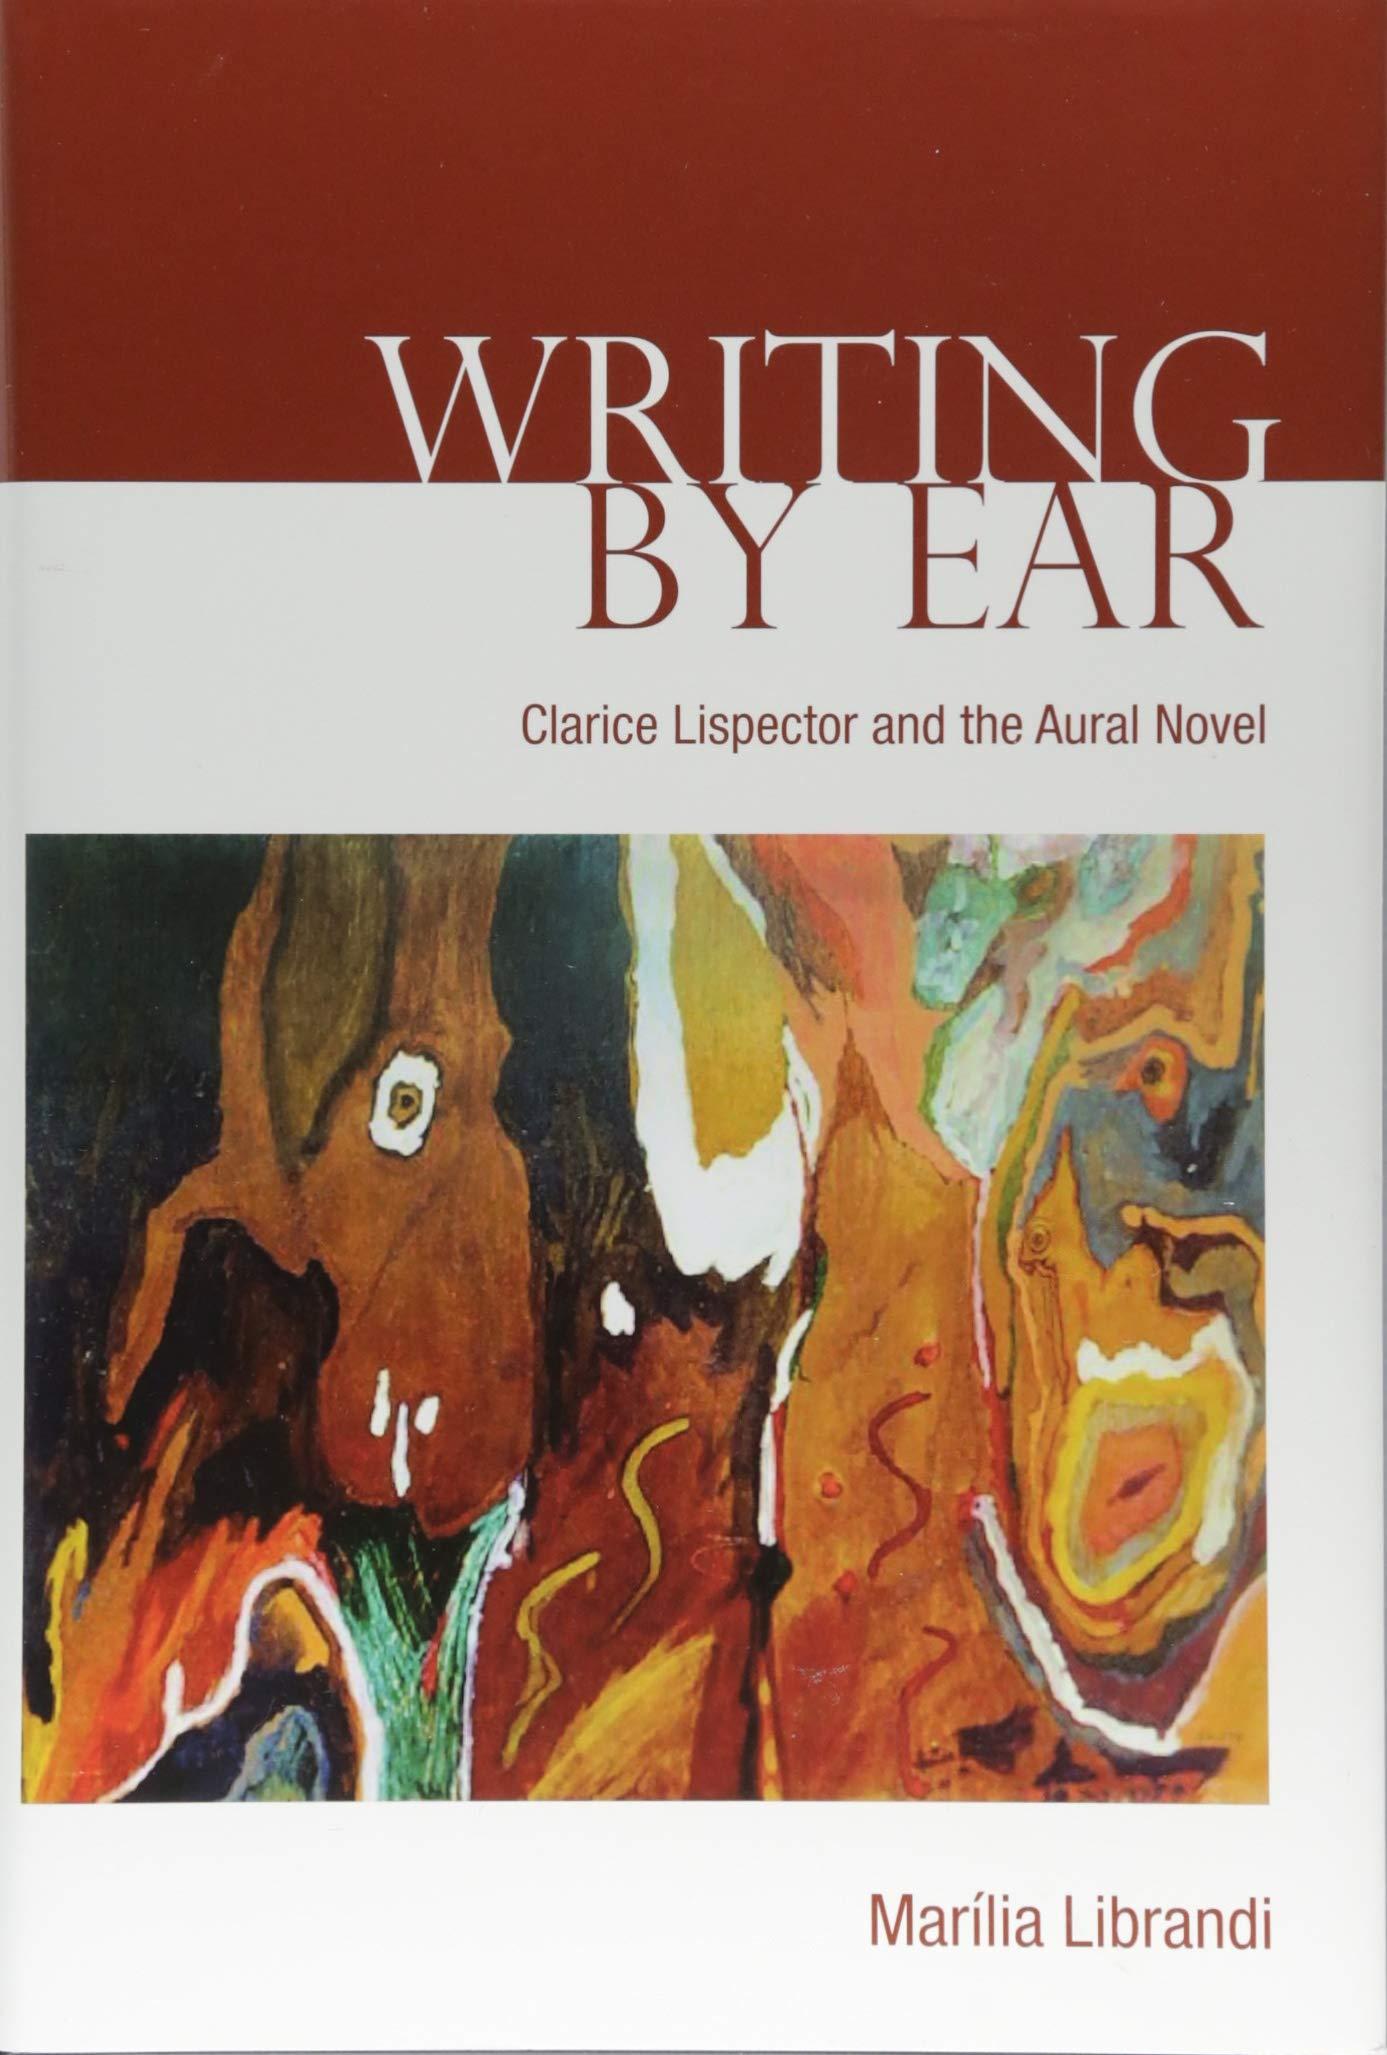 Writing by Ear: Clarice Lispector and the Aural Novel by Marília Librandi